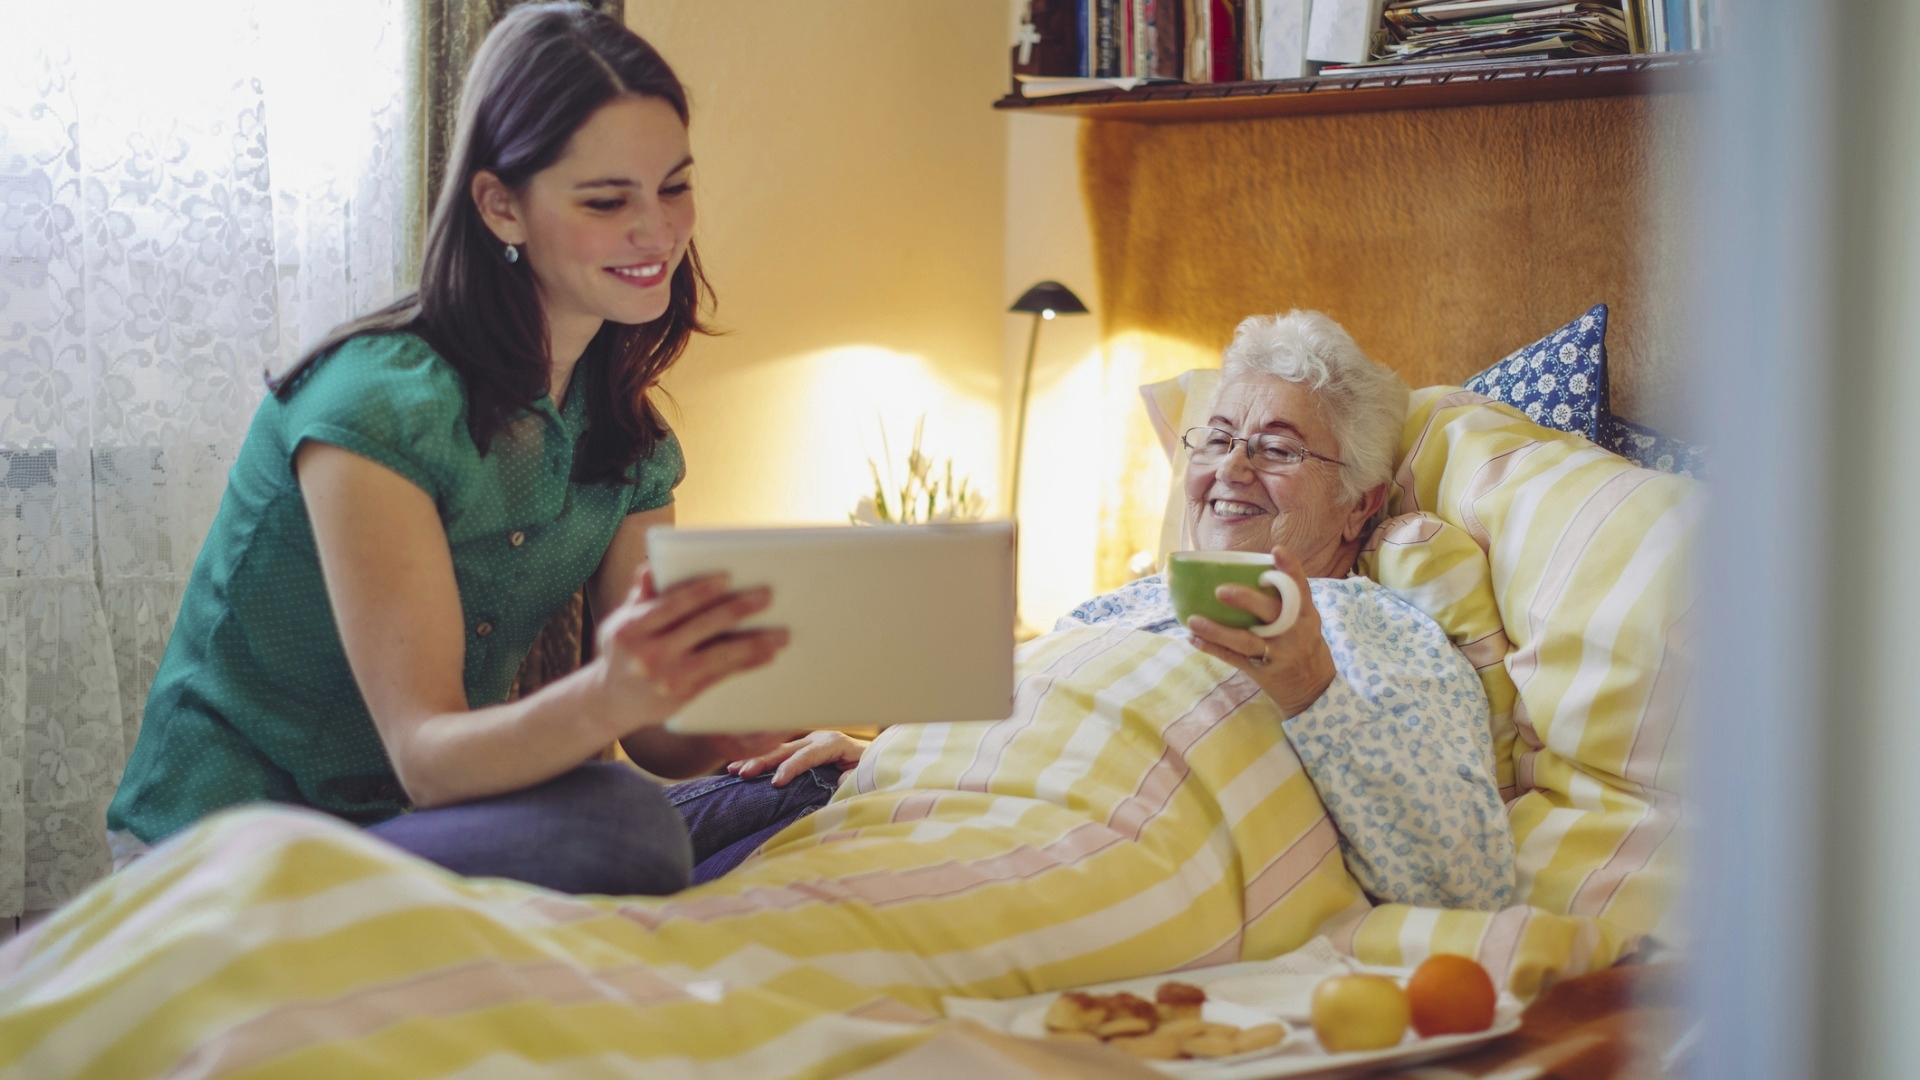 Hoitajan somepäivitys ei saa paljastaa yksittäistä asiakasta tai antaa työnantajasta huonoa kuvaa.